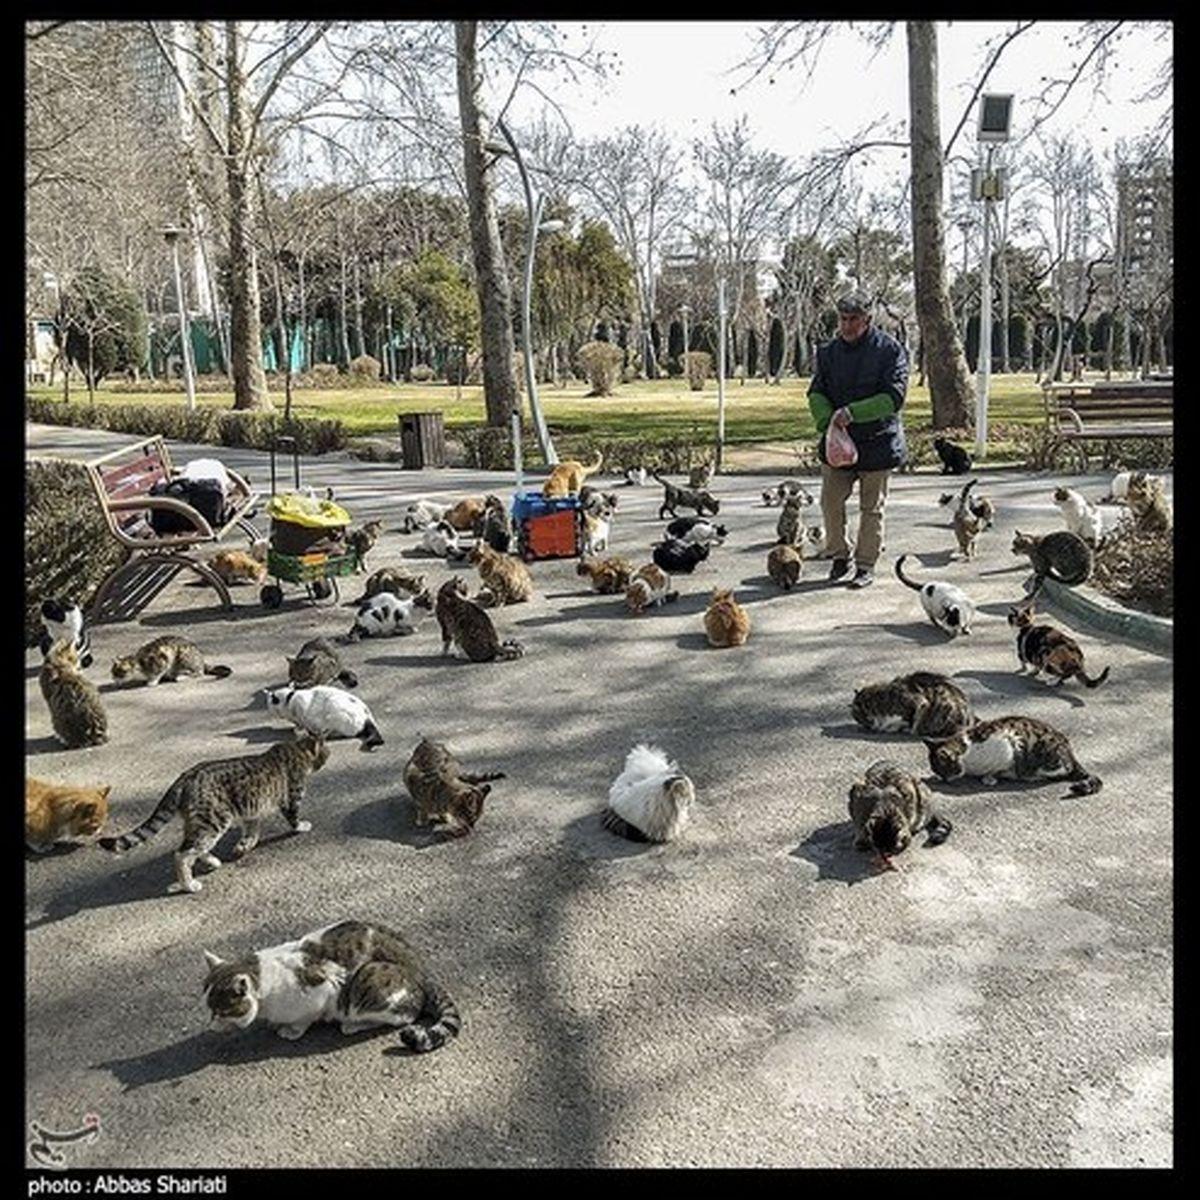 عکس: کار خیر یک هموطن برای گربه های شهر